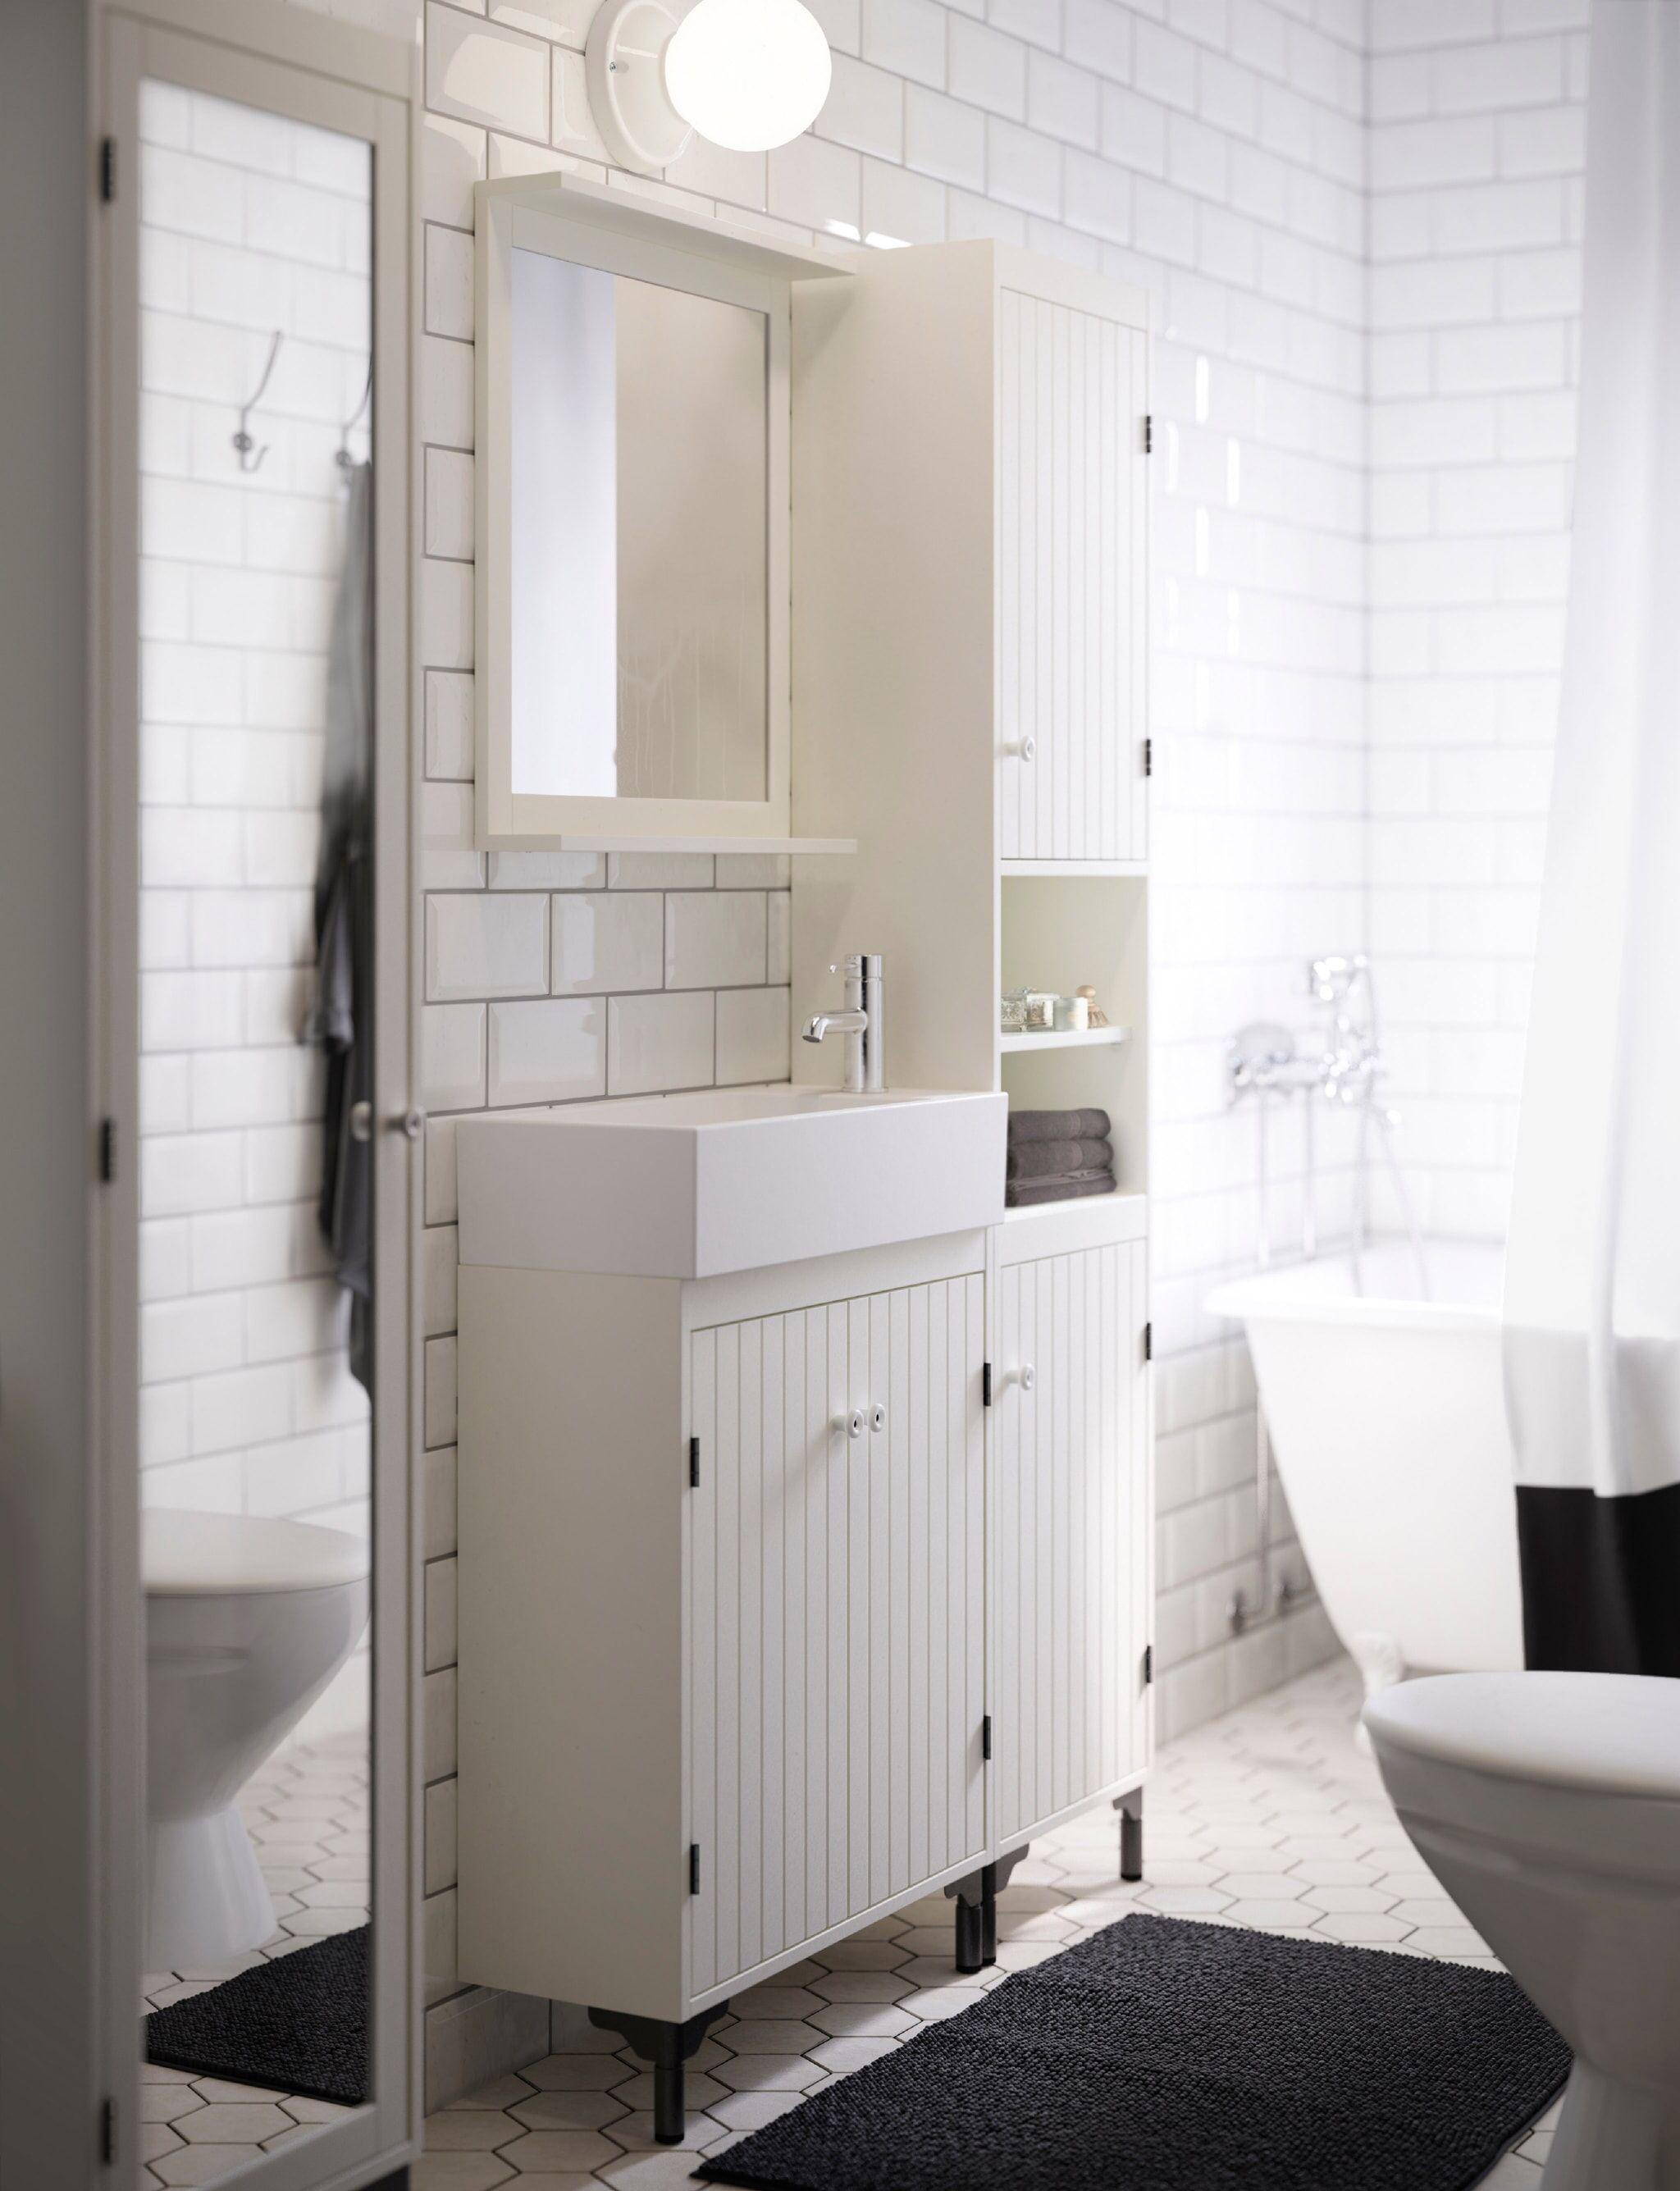 Pin By Chelsie Louise Lamacraft On Badezimmer In 2020 Narrow Bathroom Vanities Small Bathroom Narrow Bathroom